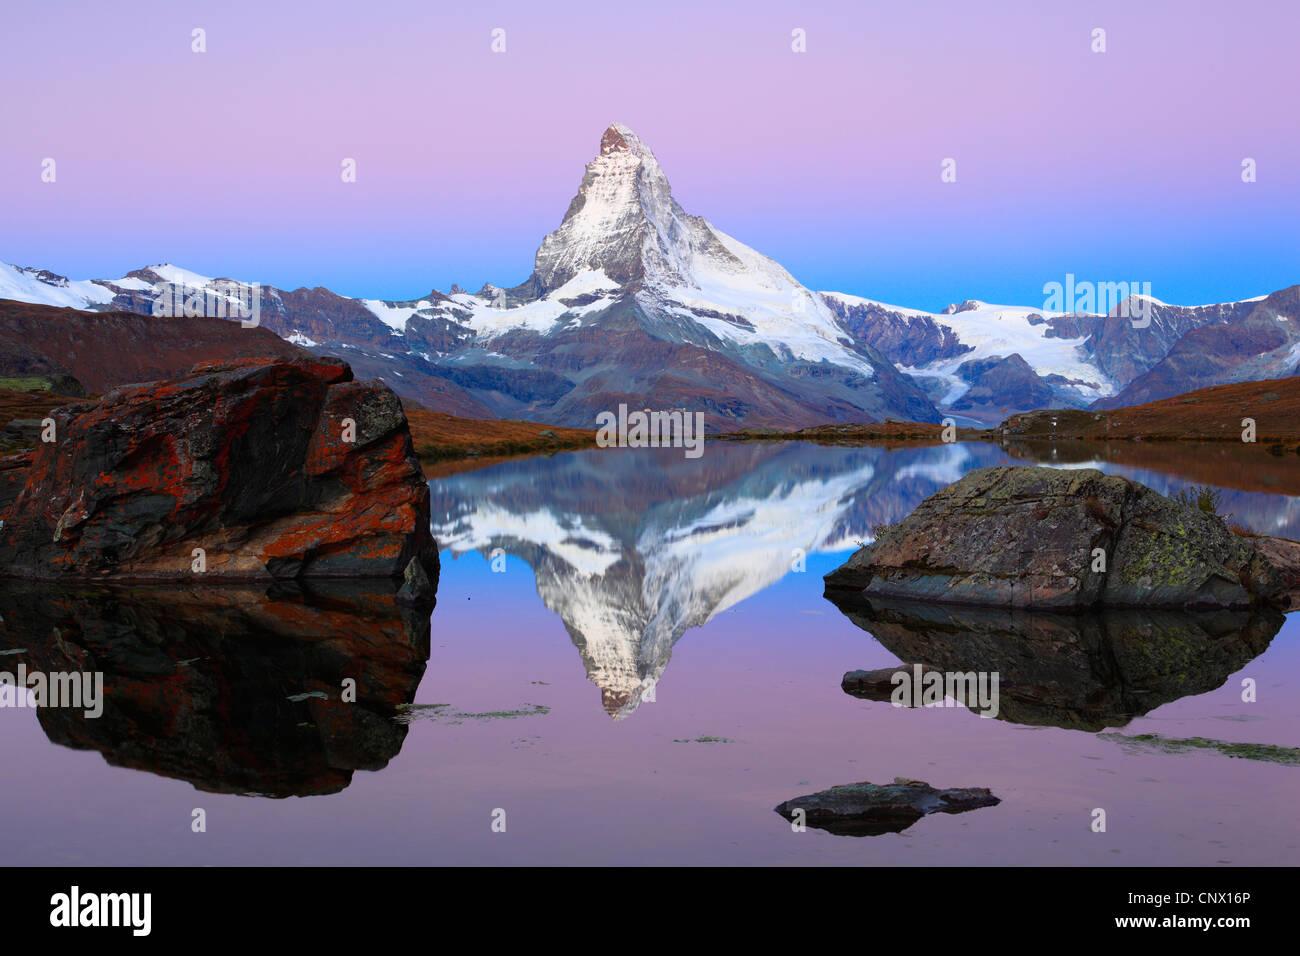 Vista sul Cervino da un lago di montagna, Svizzera Vallese Foto Stock